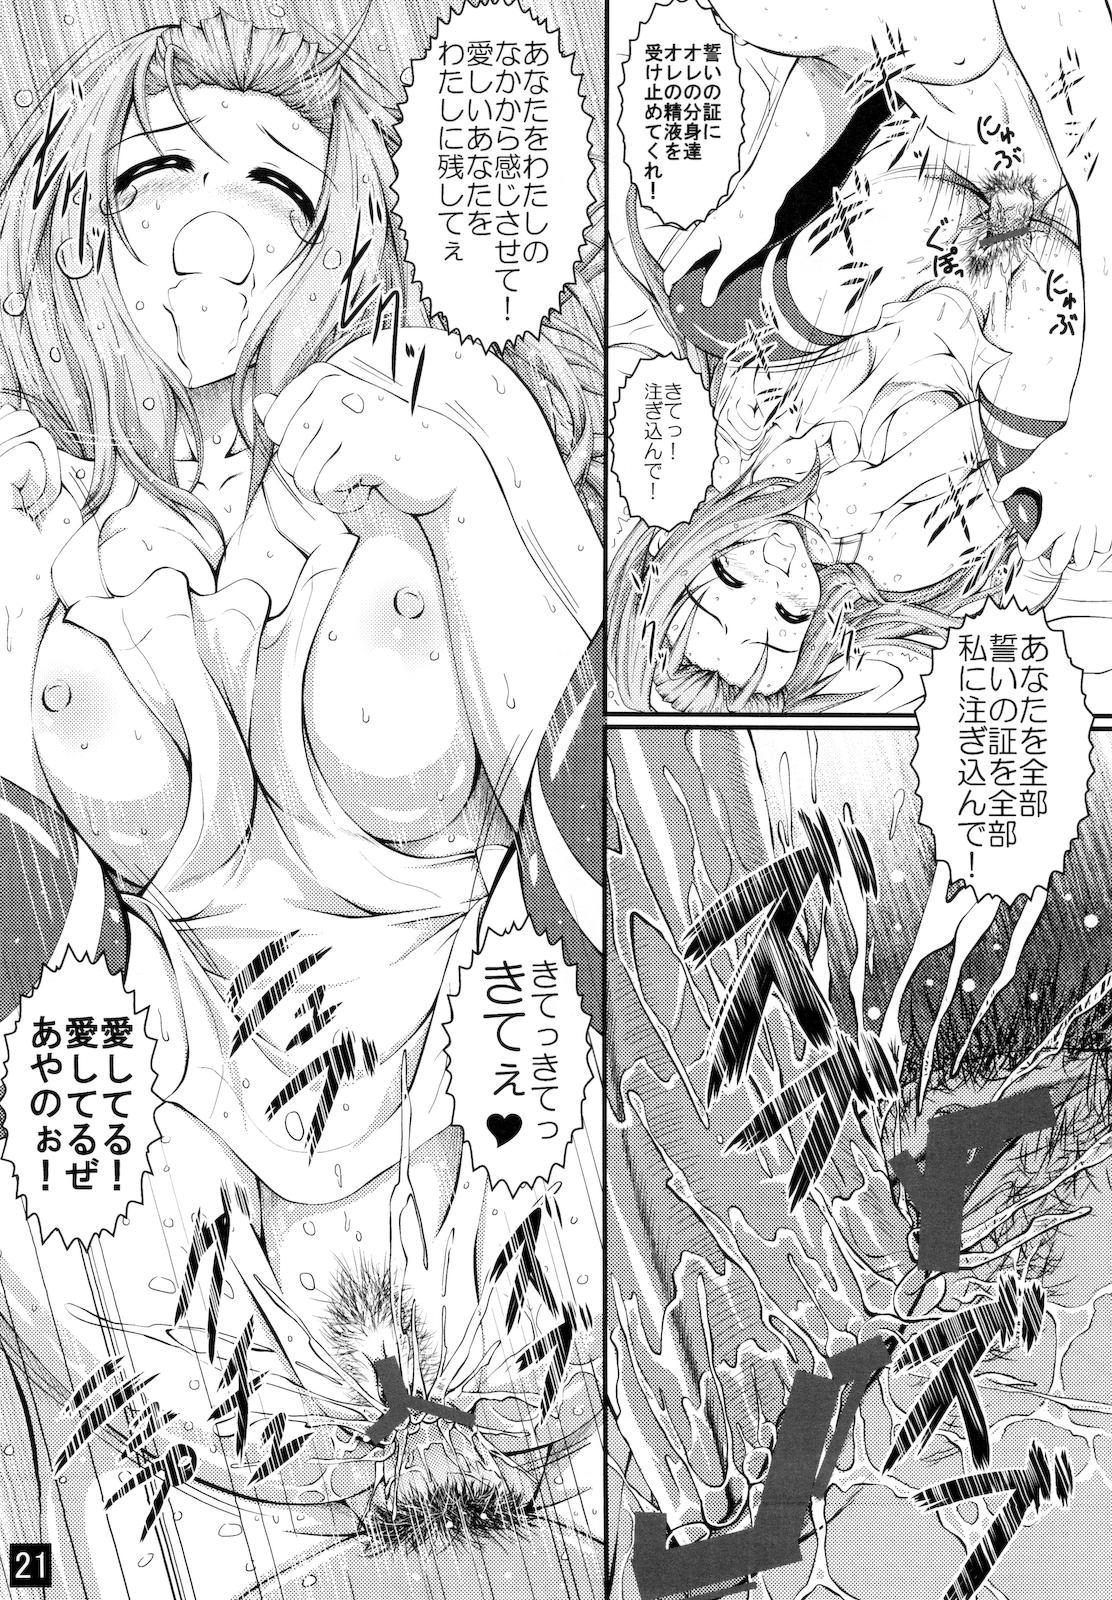 Watashi wo Oyome ni Moratte Hoshii 20